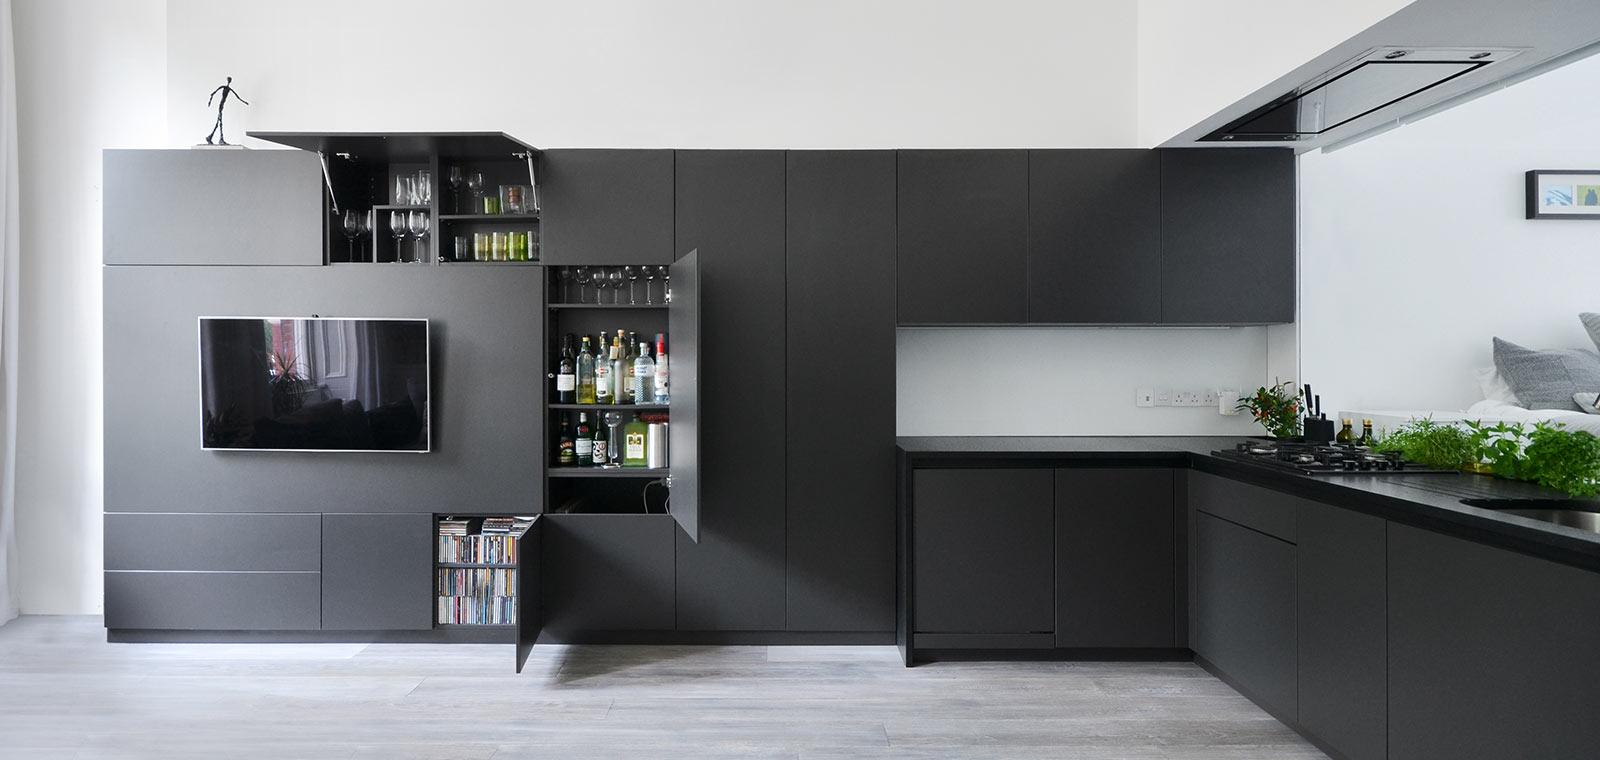 Black kitchen with hidden storage - Renovation by DPAW